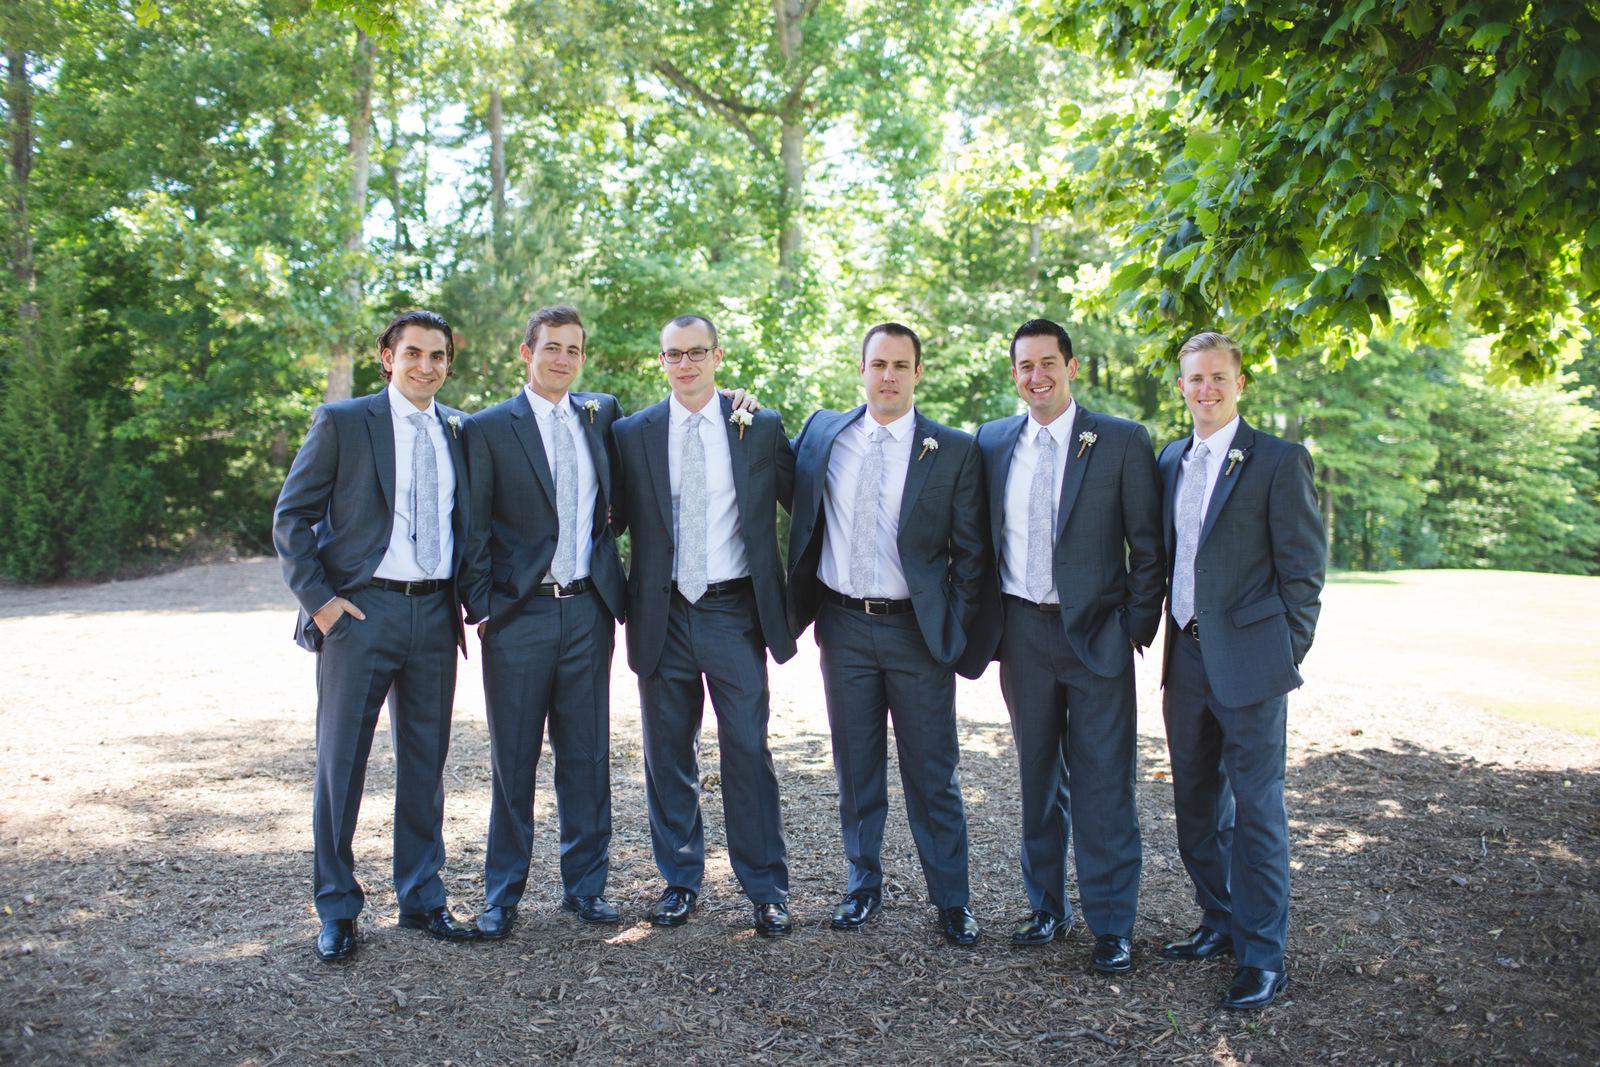 RyanKacie-weddingparty-1-93.jpg